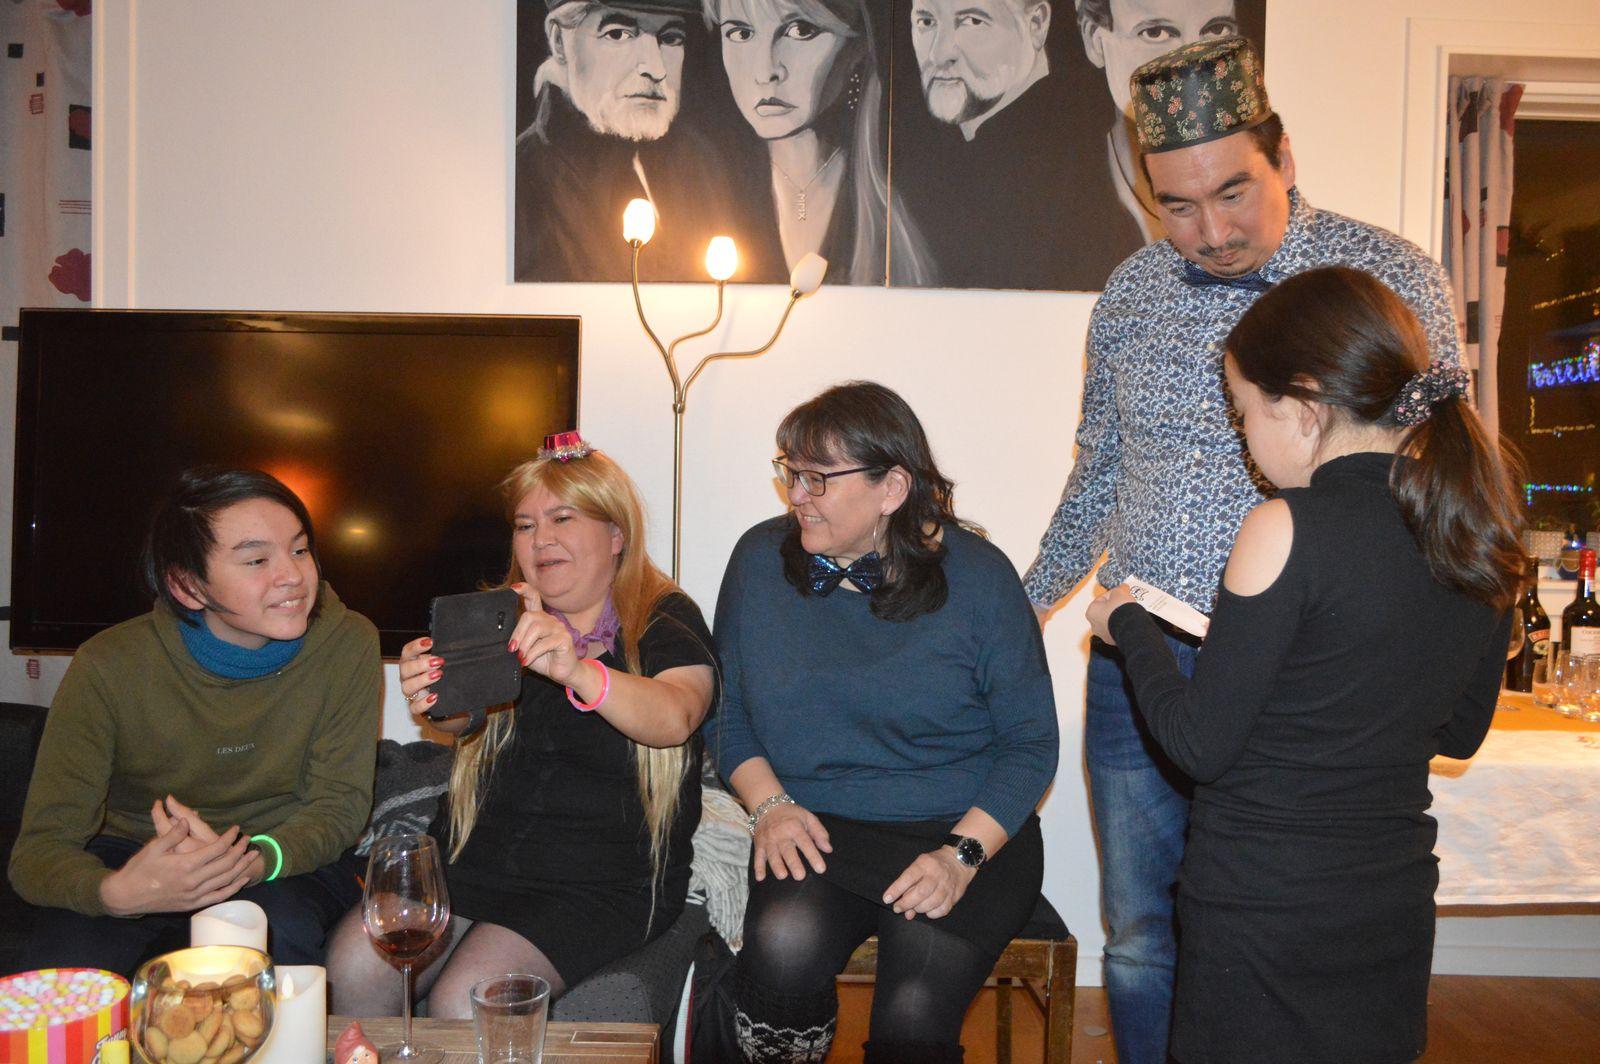 2019-12-31-2234_Anna-Hessler-Labansen-Linda-Louise-Hessler-Isbosethsen-Mina-Hessler-Isobosethsen-Peter-Isboseths